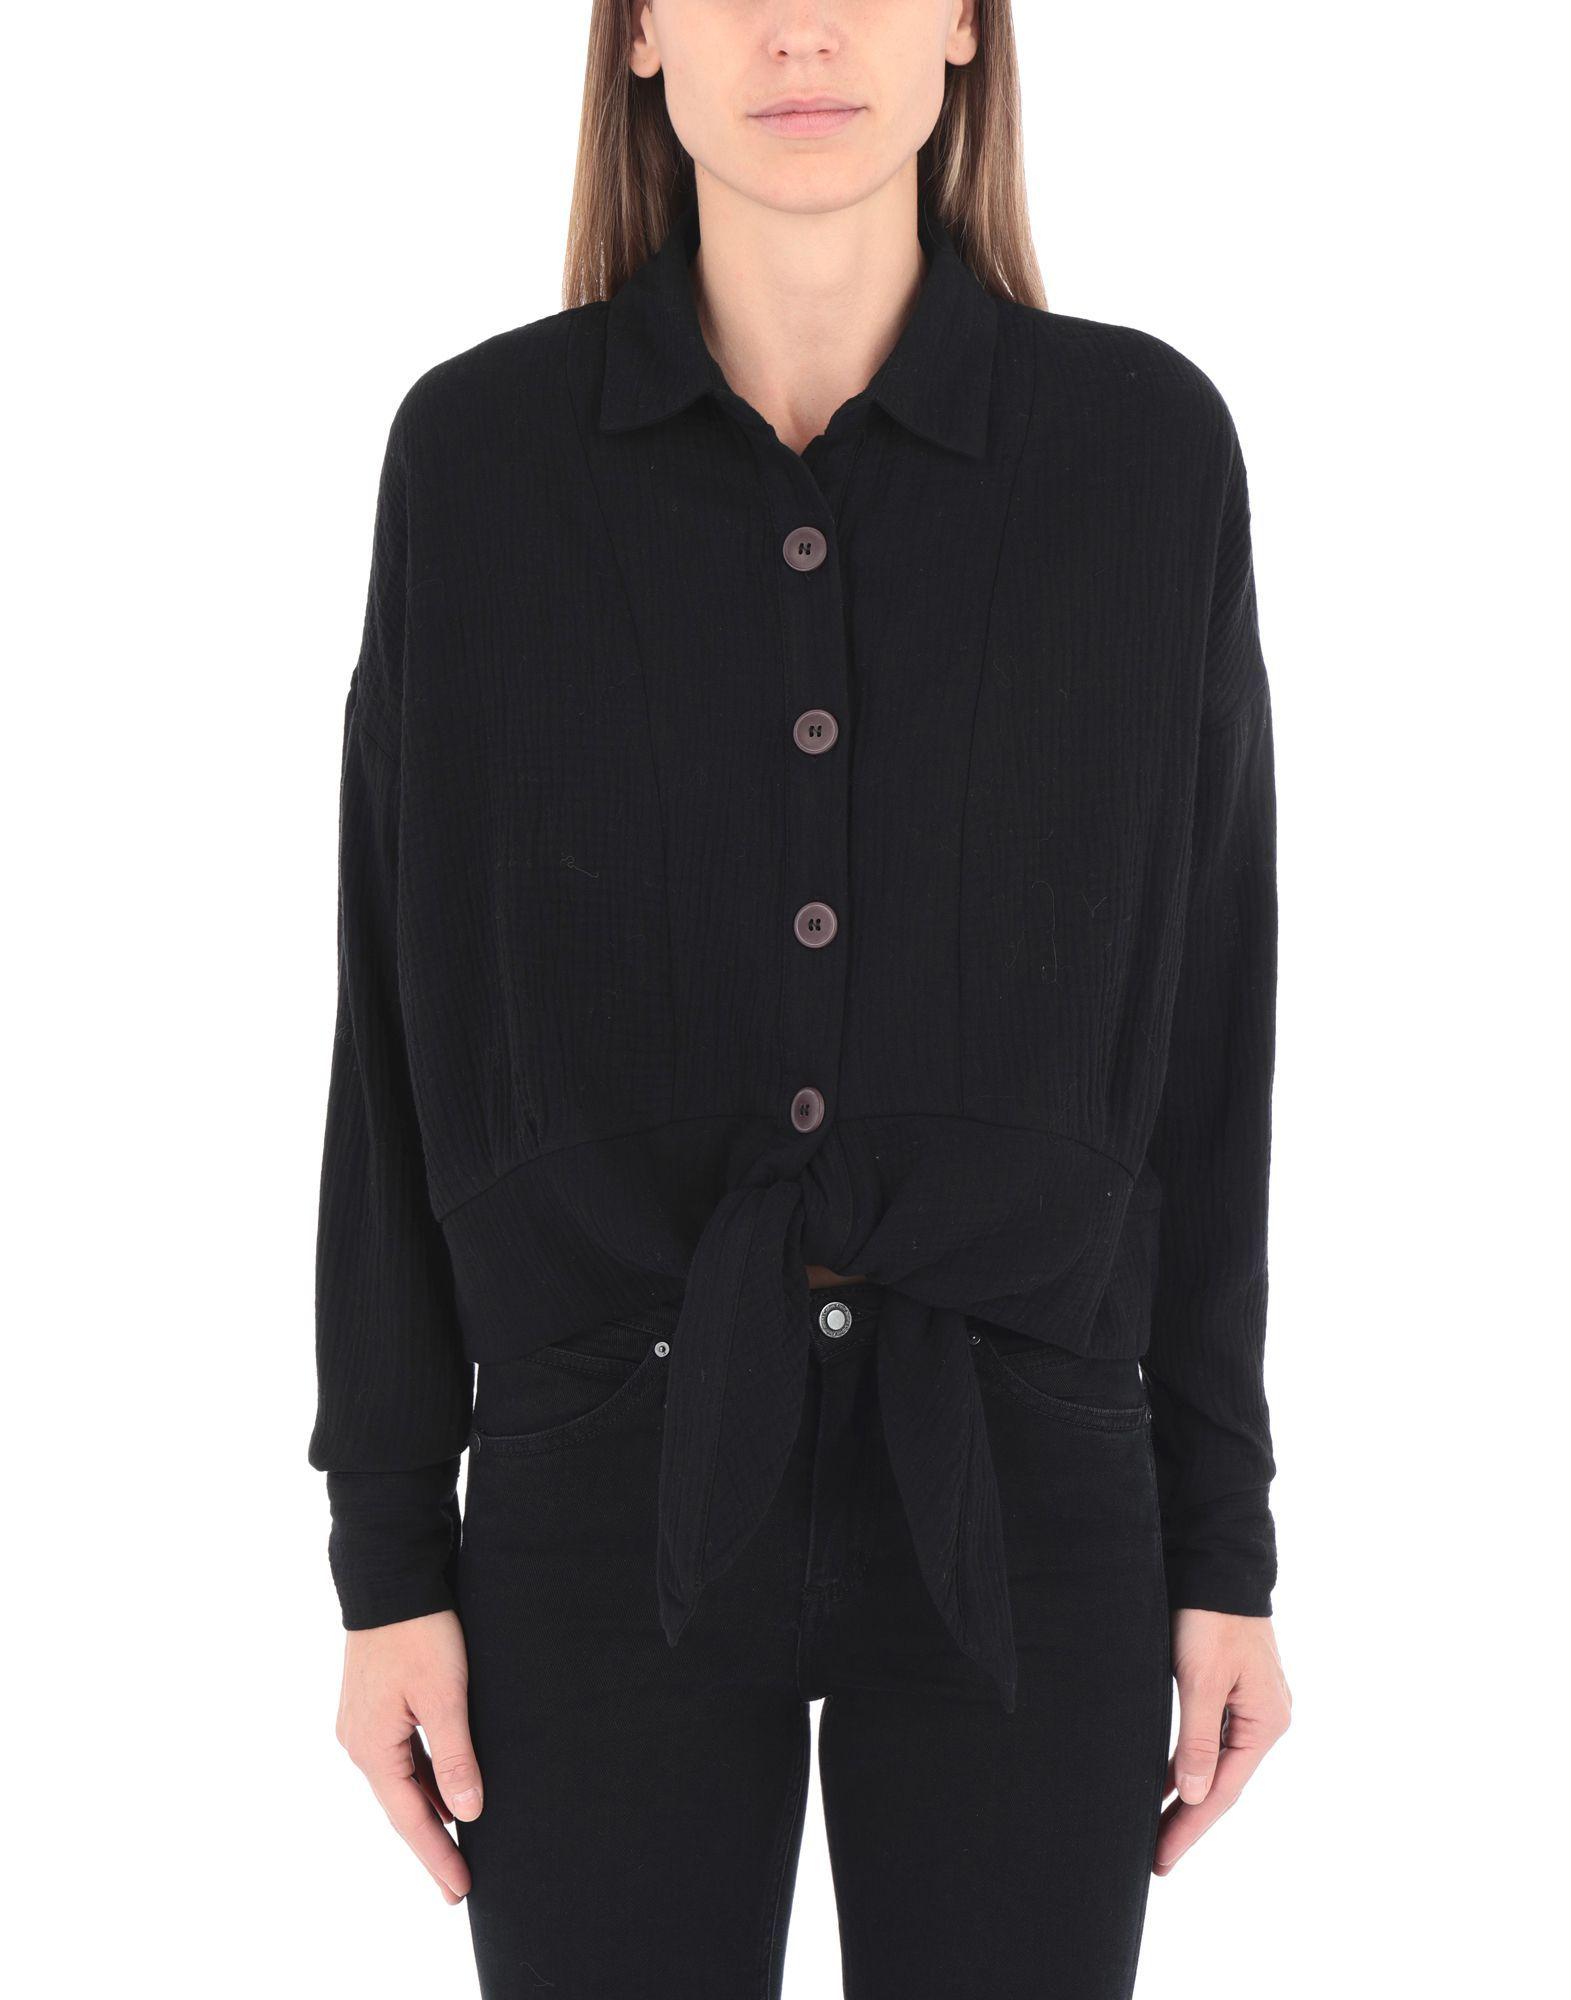 Free People Black Cotton Shirt